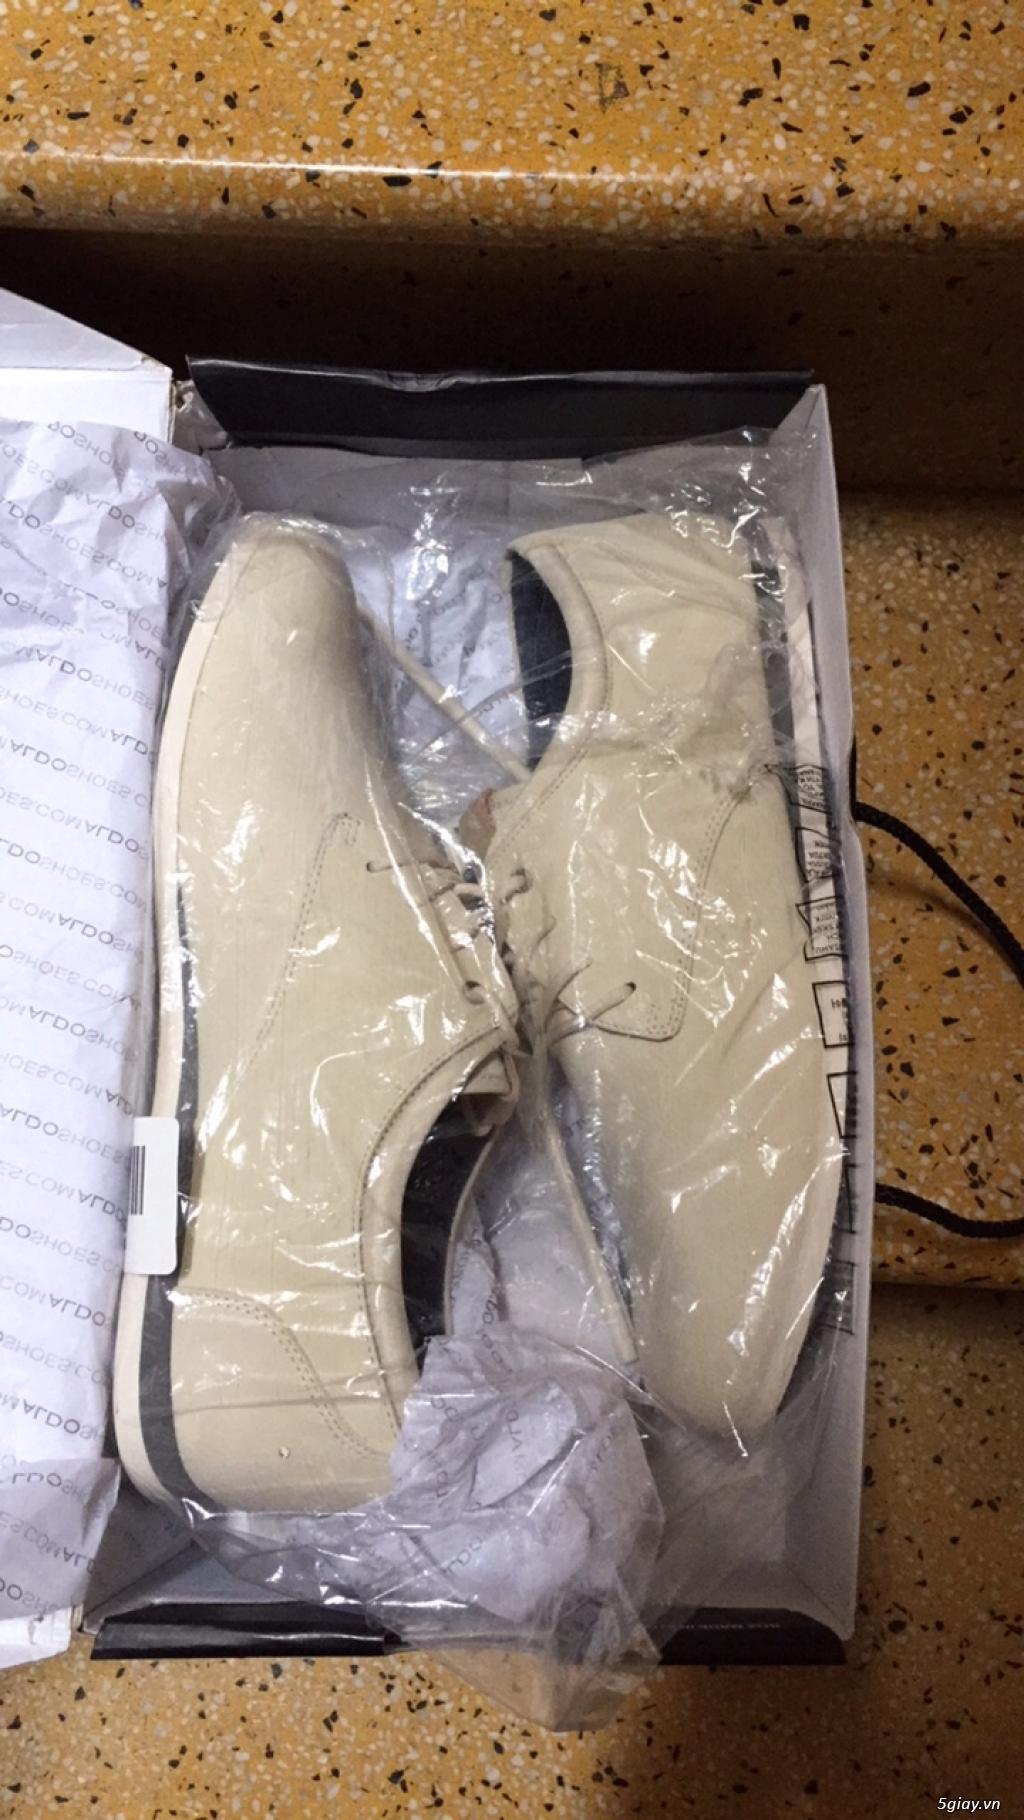 Cần bán 03 đôi giầy nam hiệu Aldo size US 7.5 xách tay USA - 4